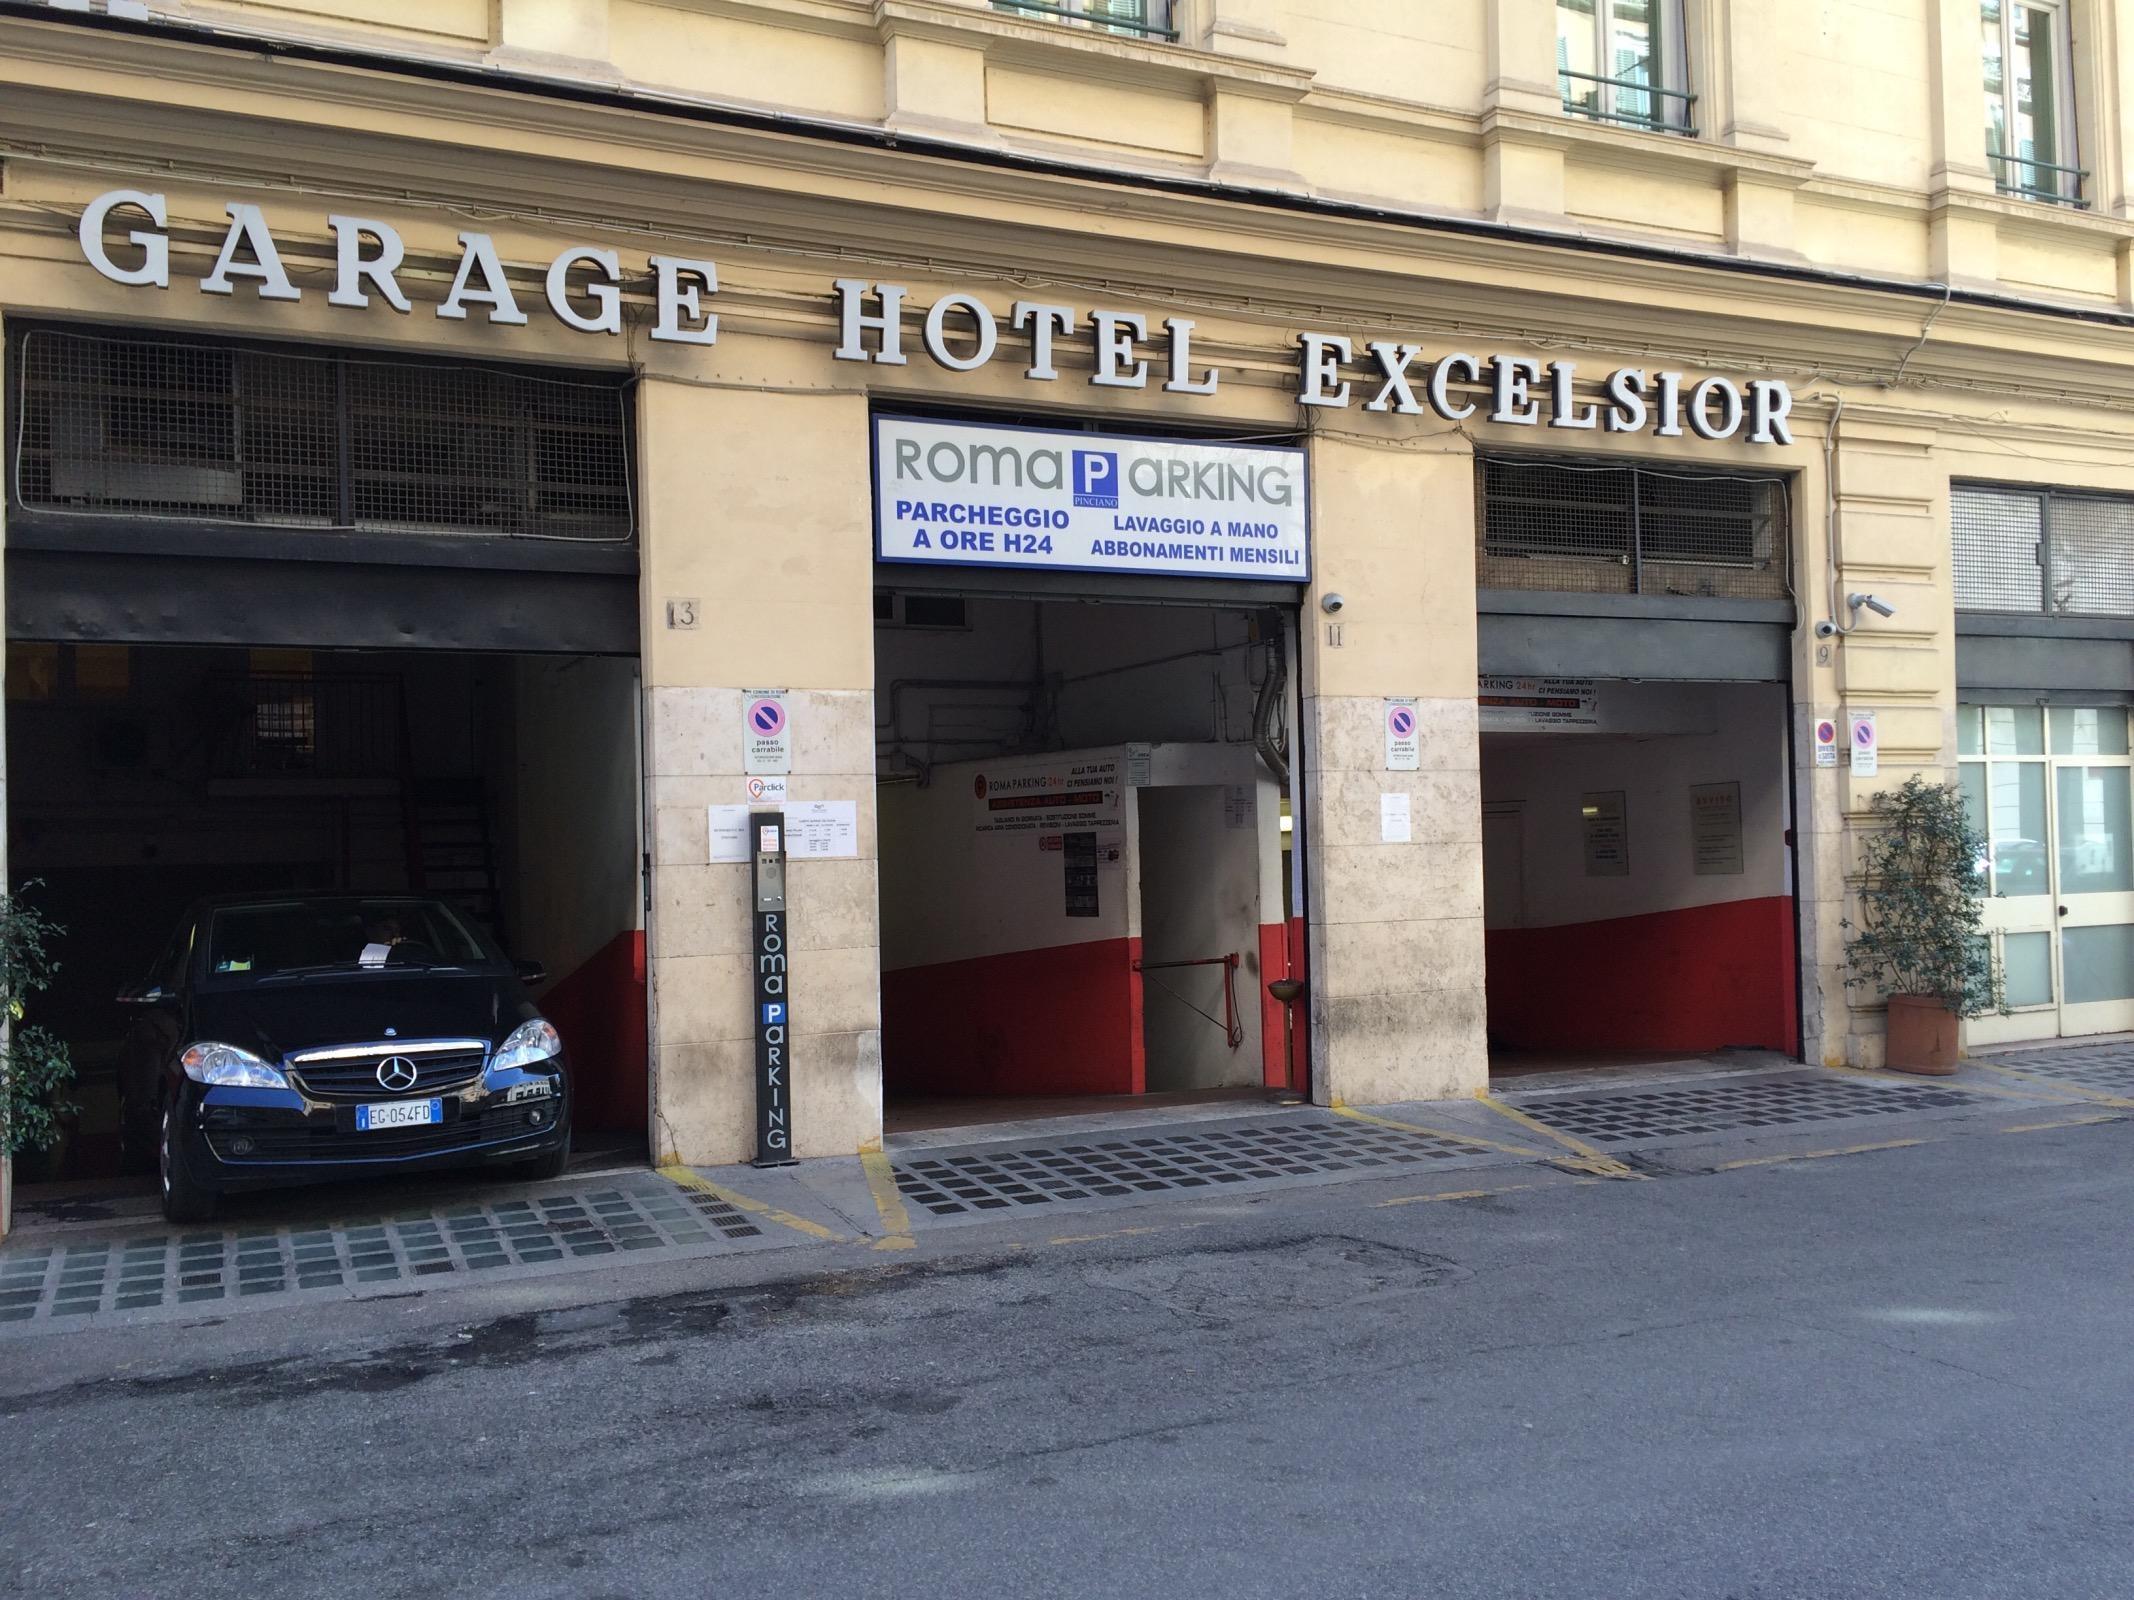 Garage Hotel Excelsior Parking In Roma Parkme